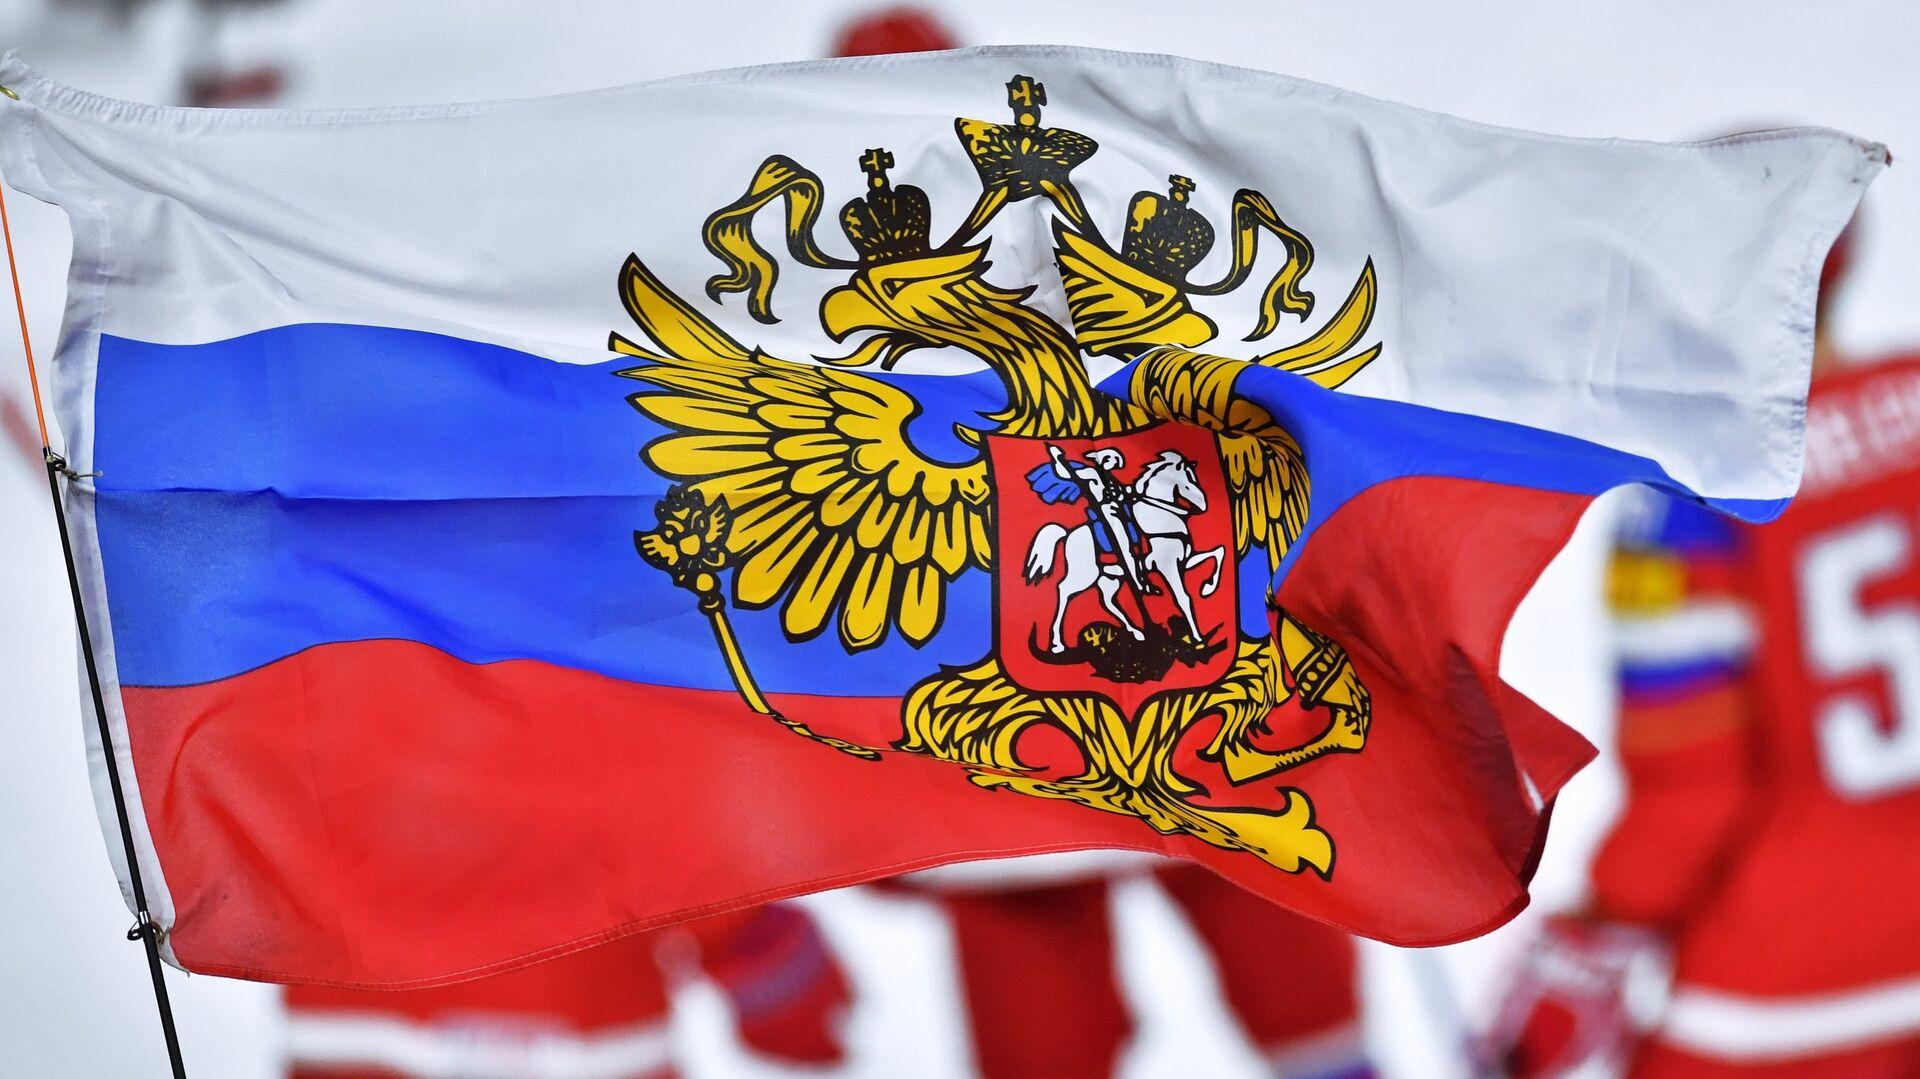 Флаг РФ во время матча российских хоккеистов - РИА Новости, 1920, 21.09.2021